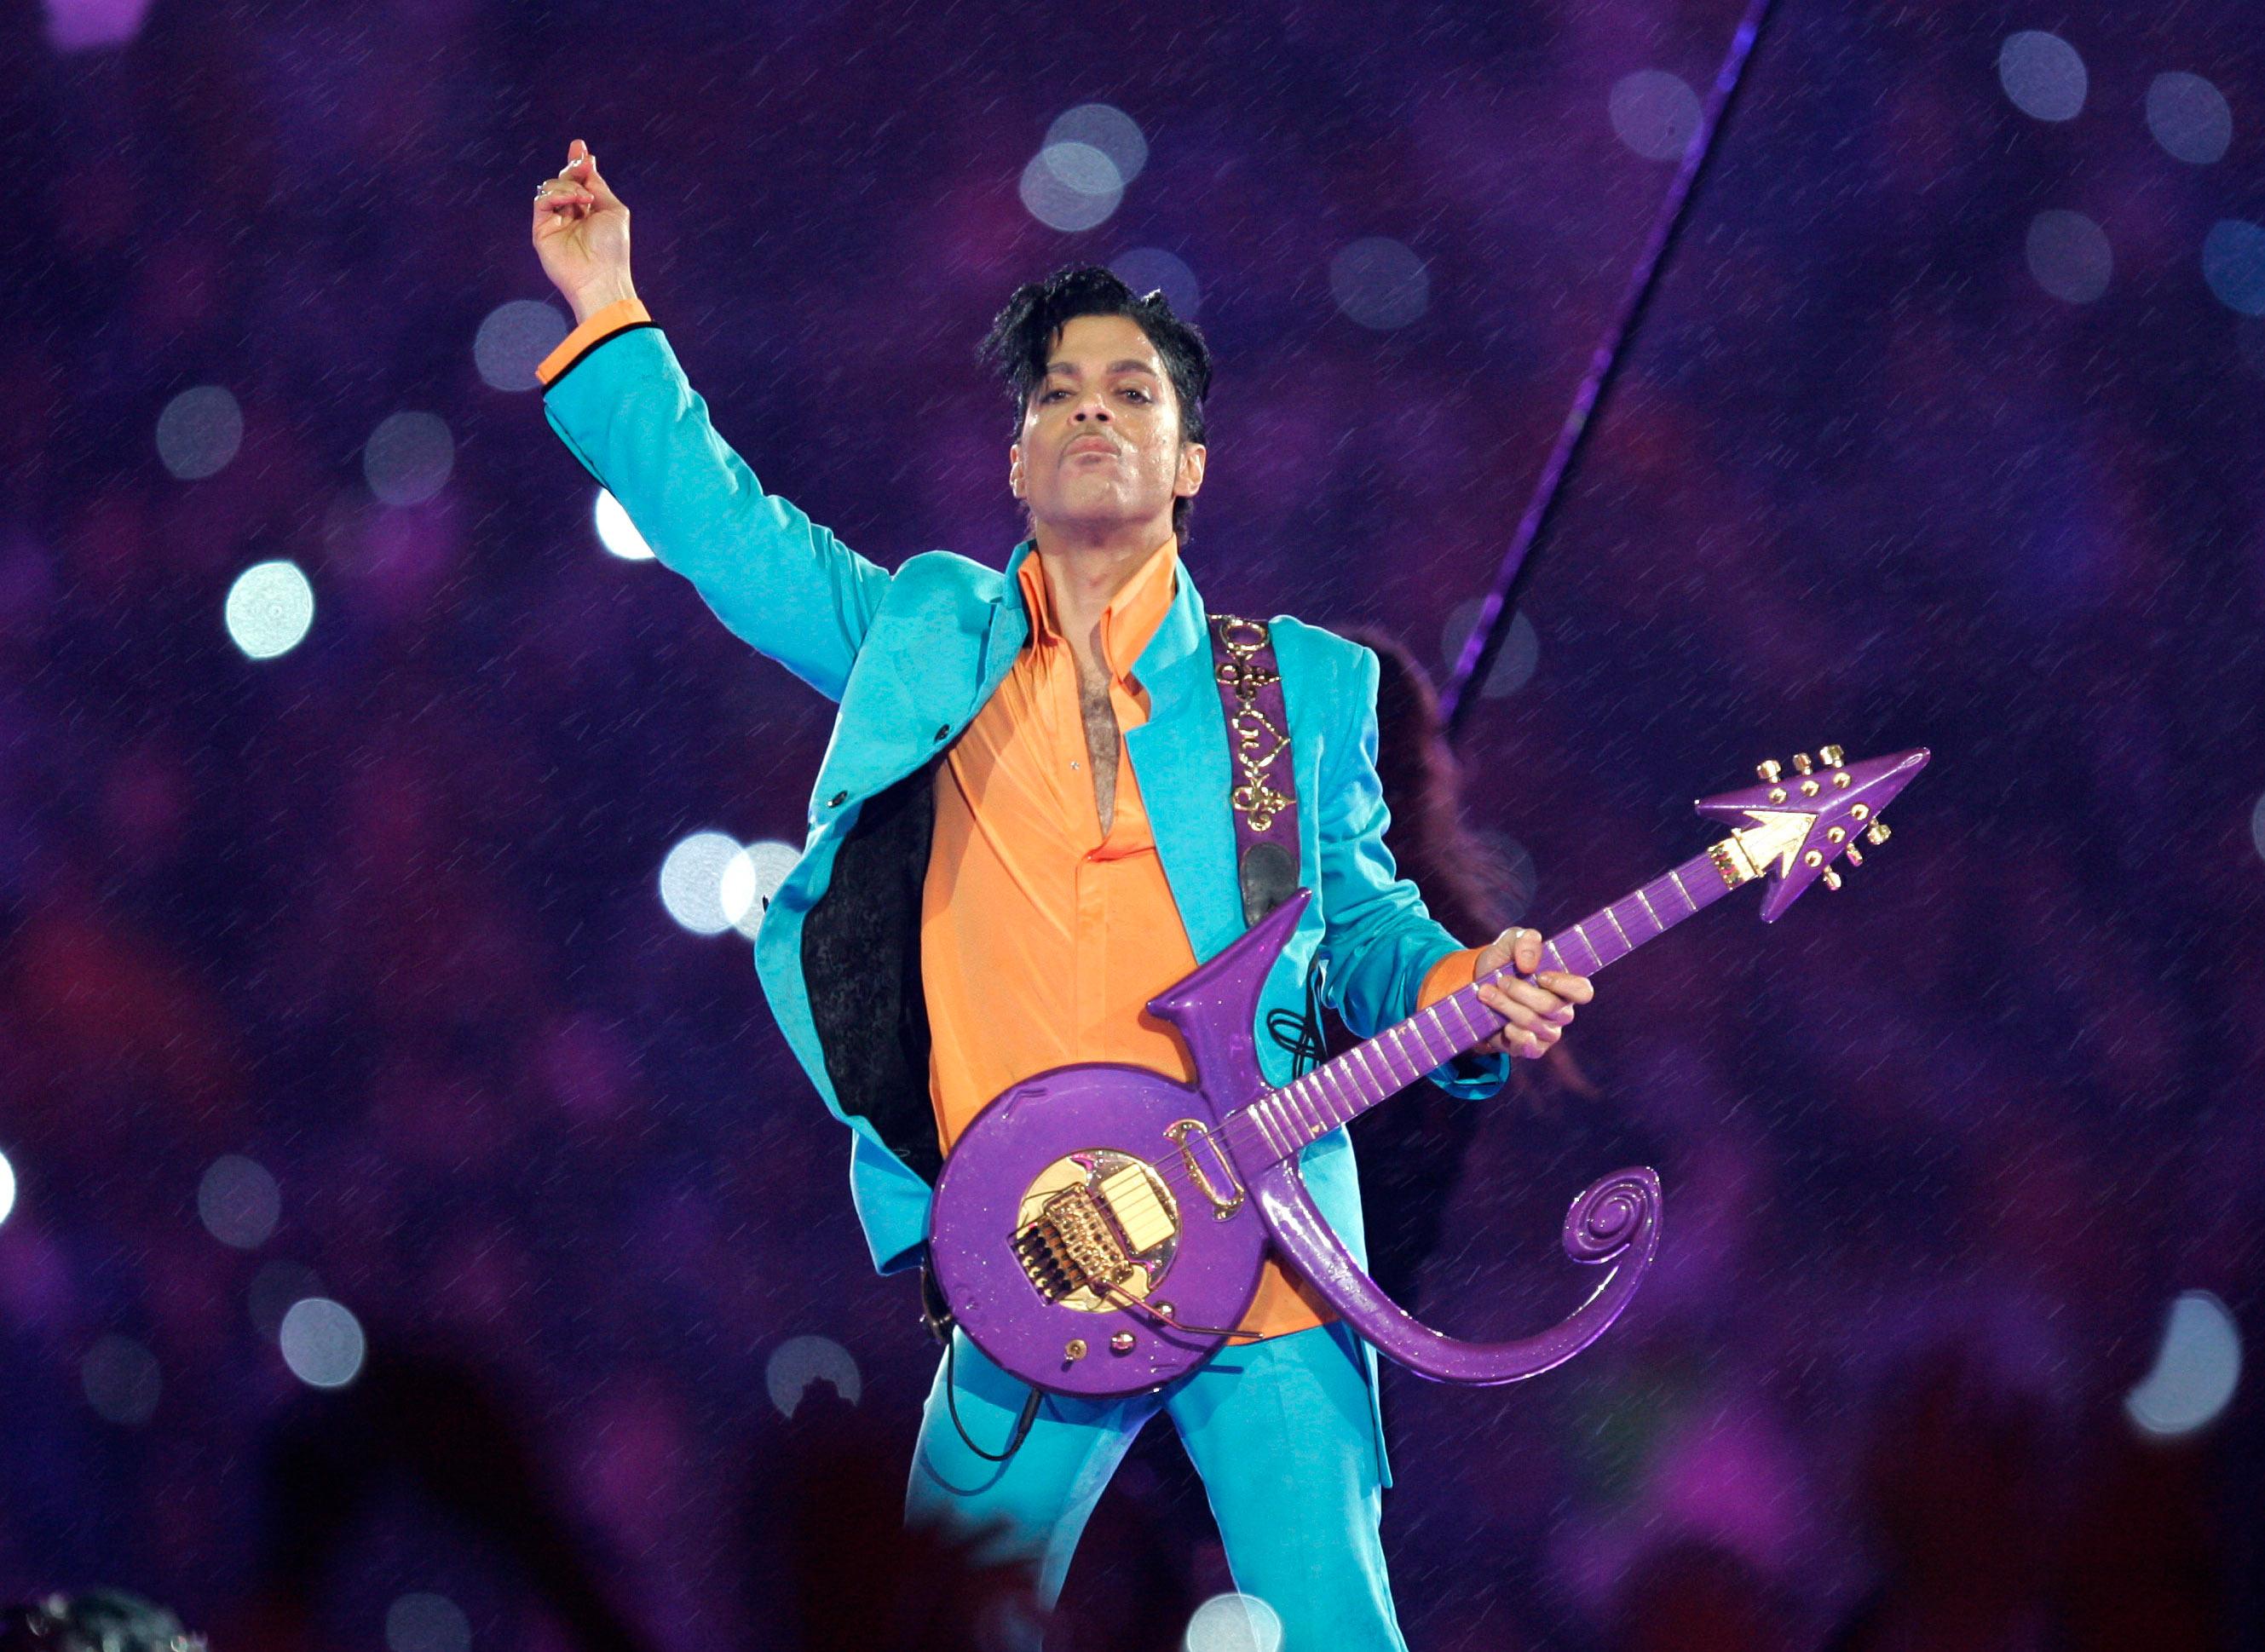 El naranja, un color también frecuente en el vestuario de Prince. Foto AP.